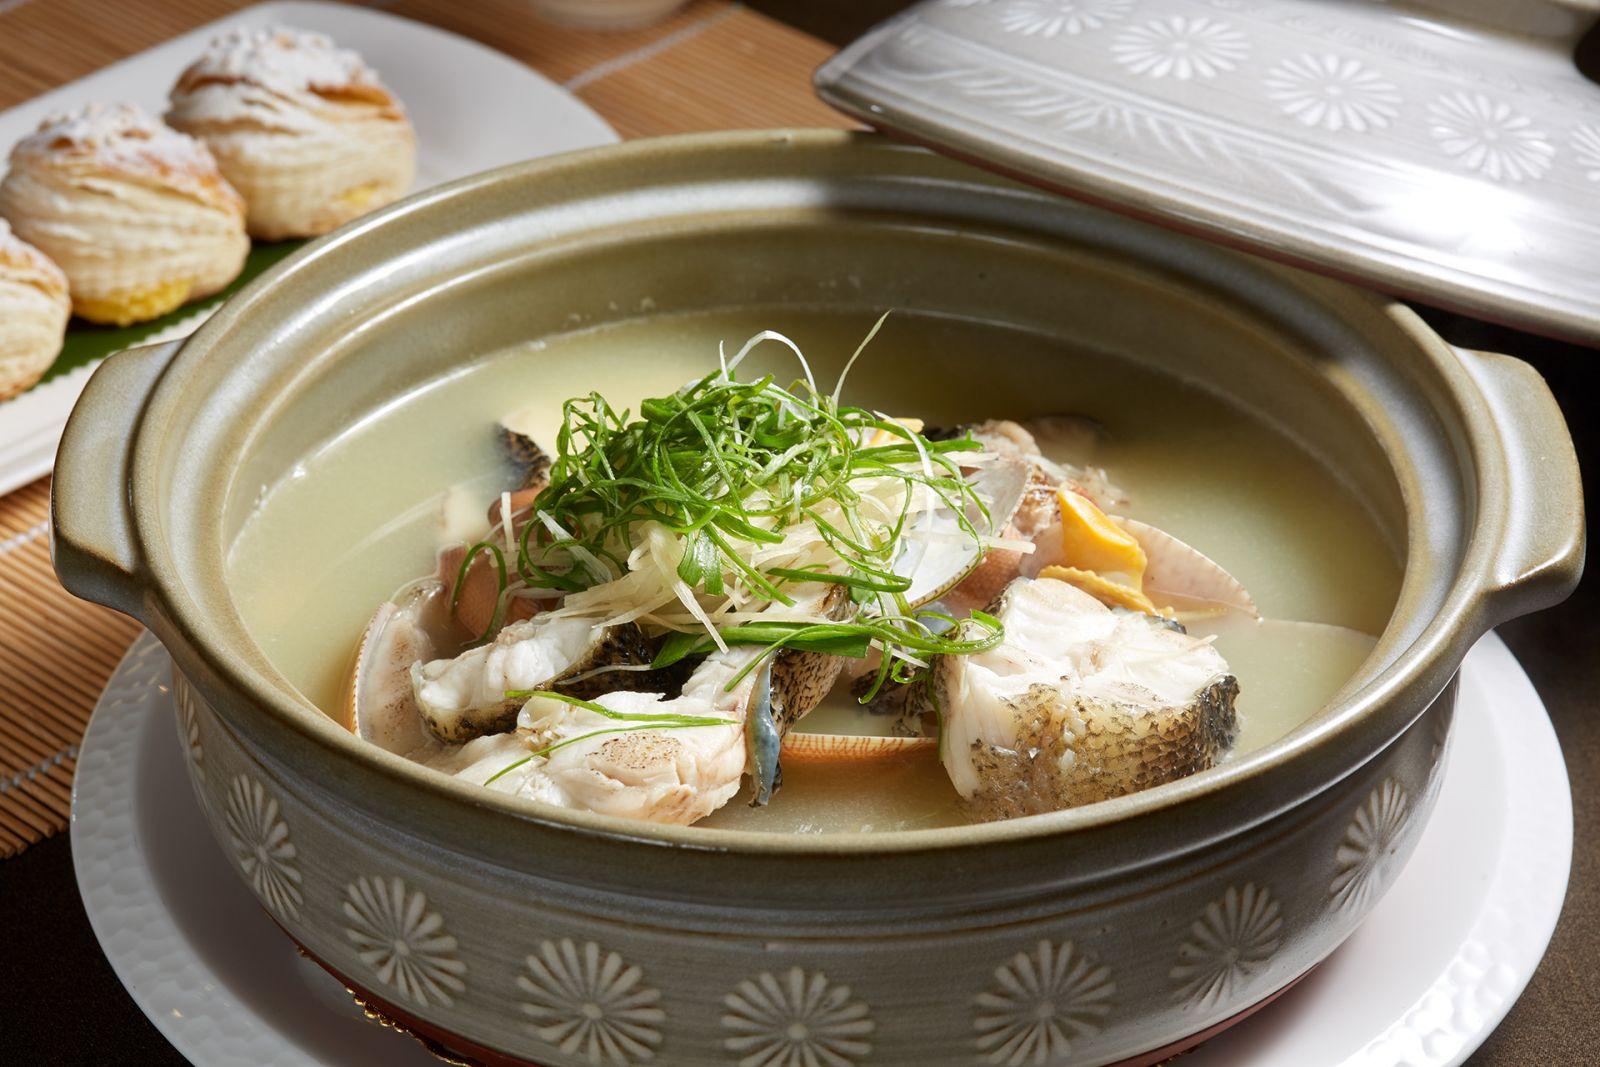 高雄國賓大飯店粵菜廳鱻蛤筍殼魚砂鍋